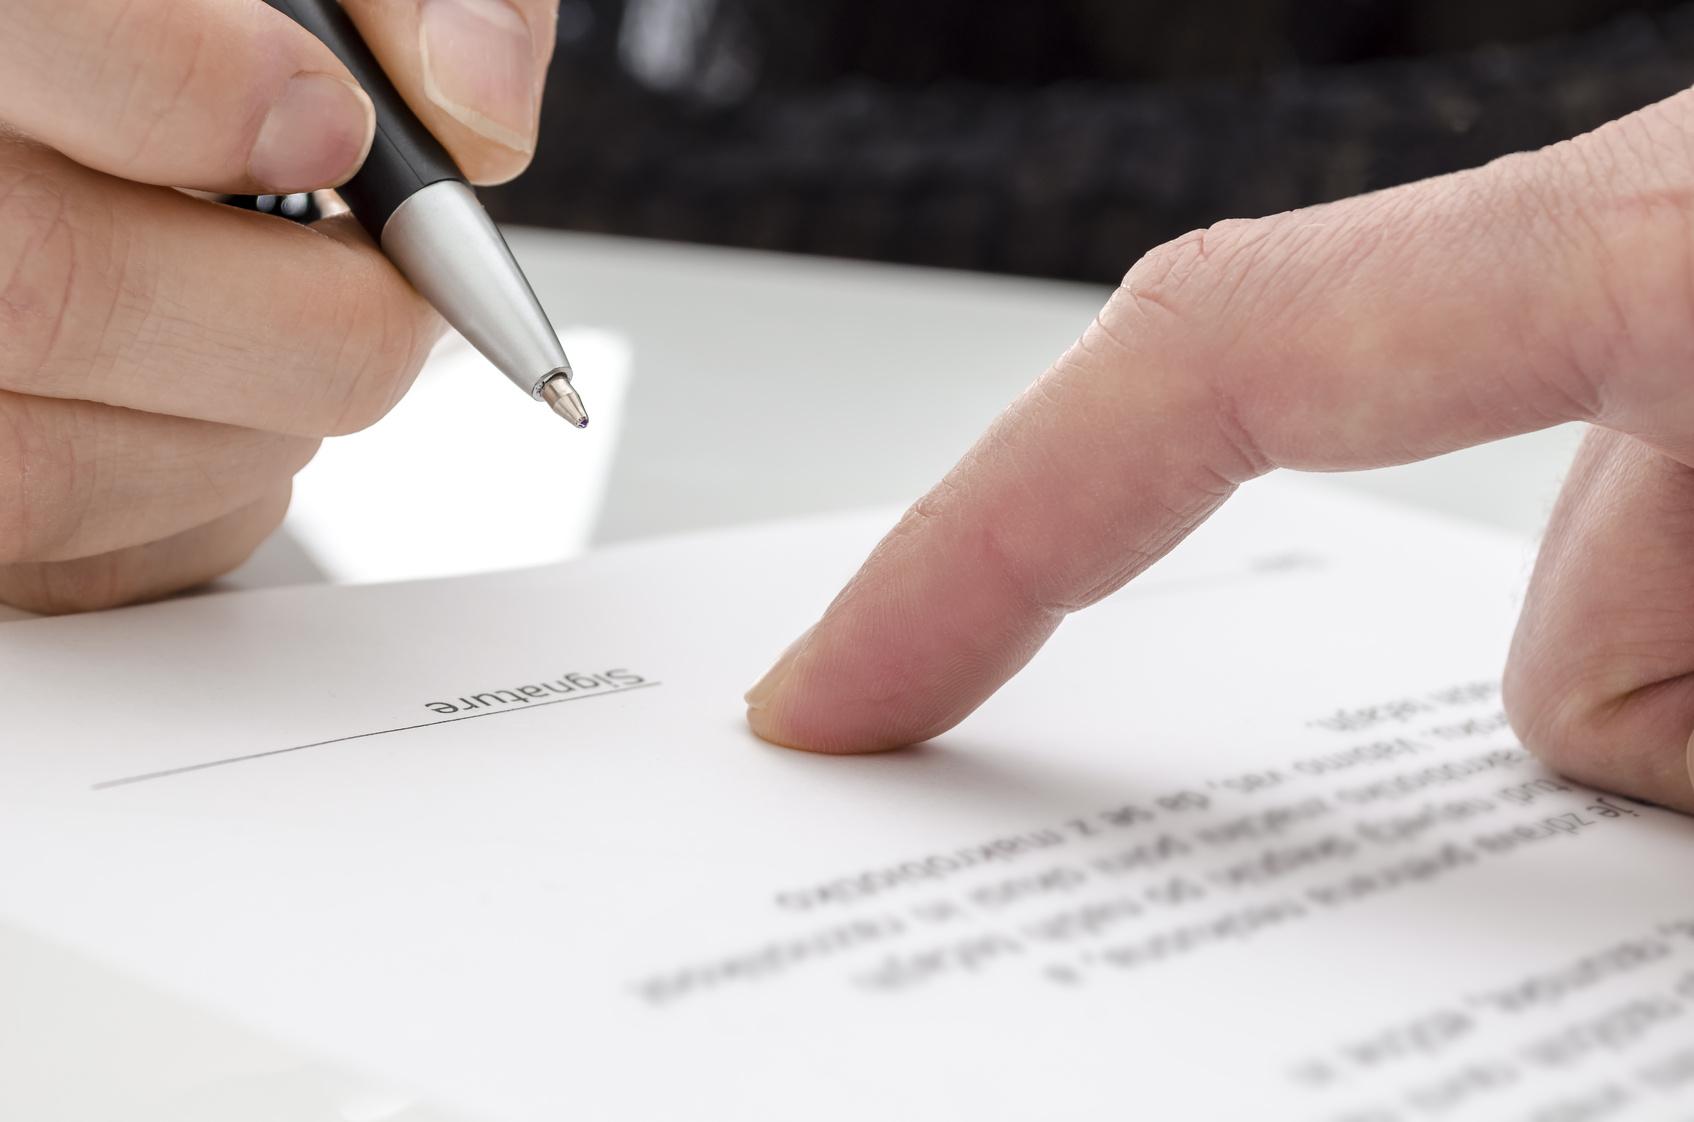 Contratos emergenciais deverão constar do Sistema Eletrônico de Informações do estado